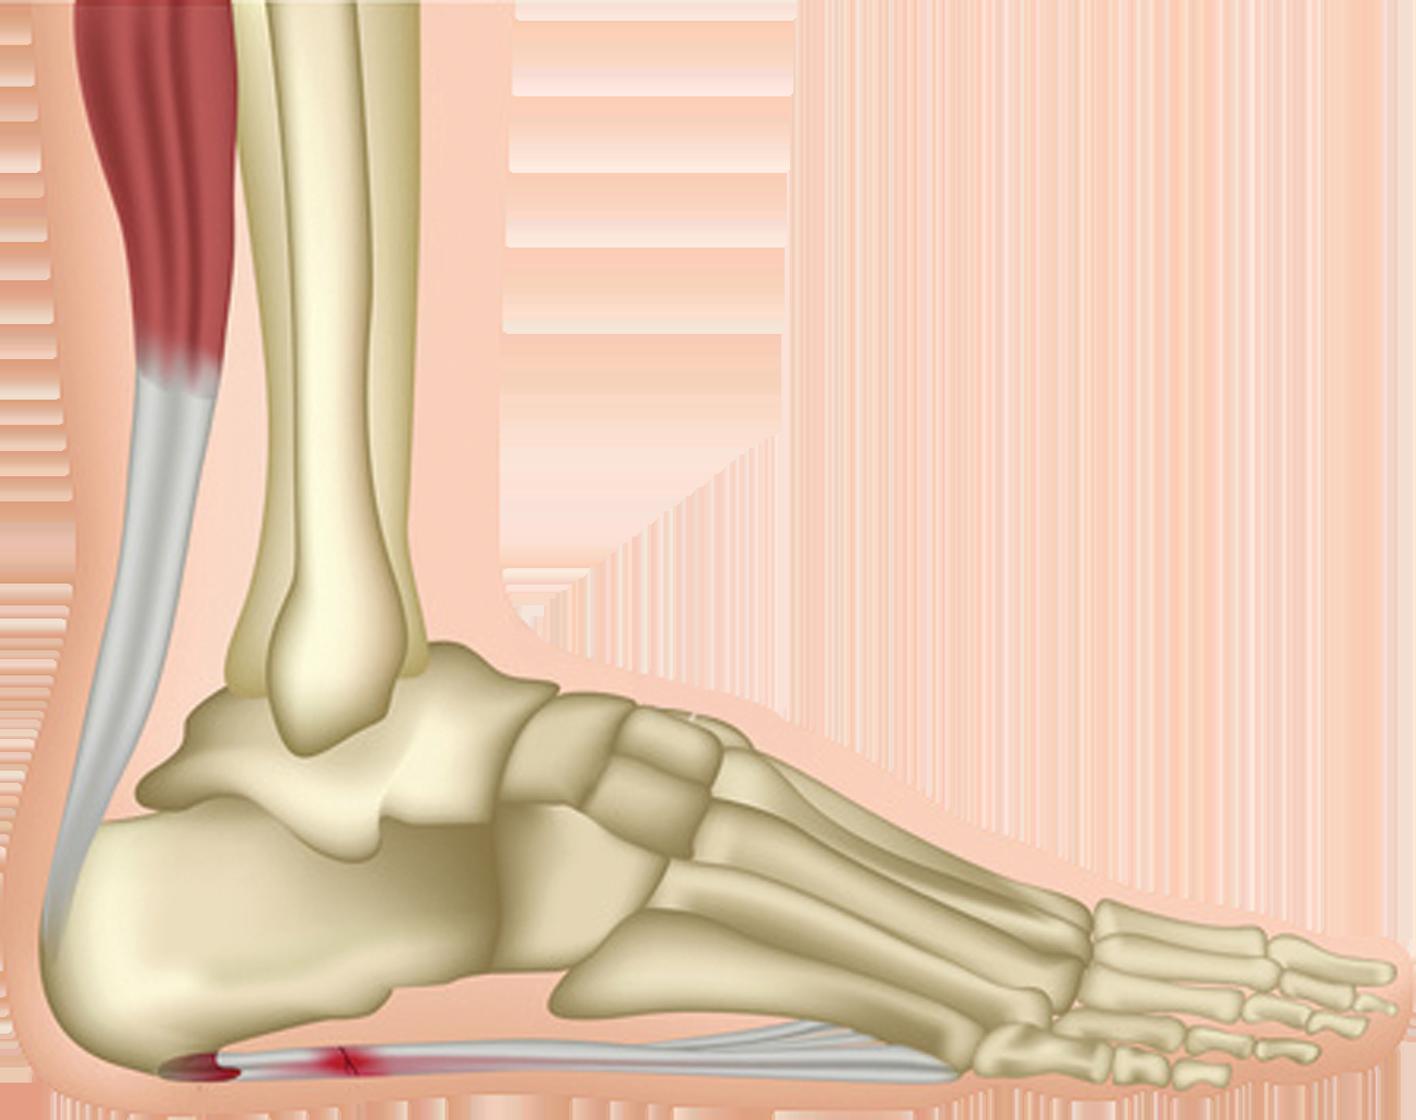 Phân bố trọng lượng cơ thể bình thường khi bàn chân ở trên mặt phẳng